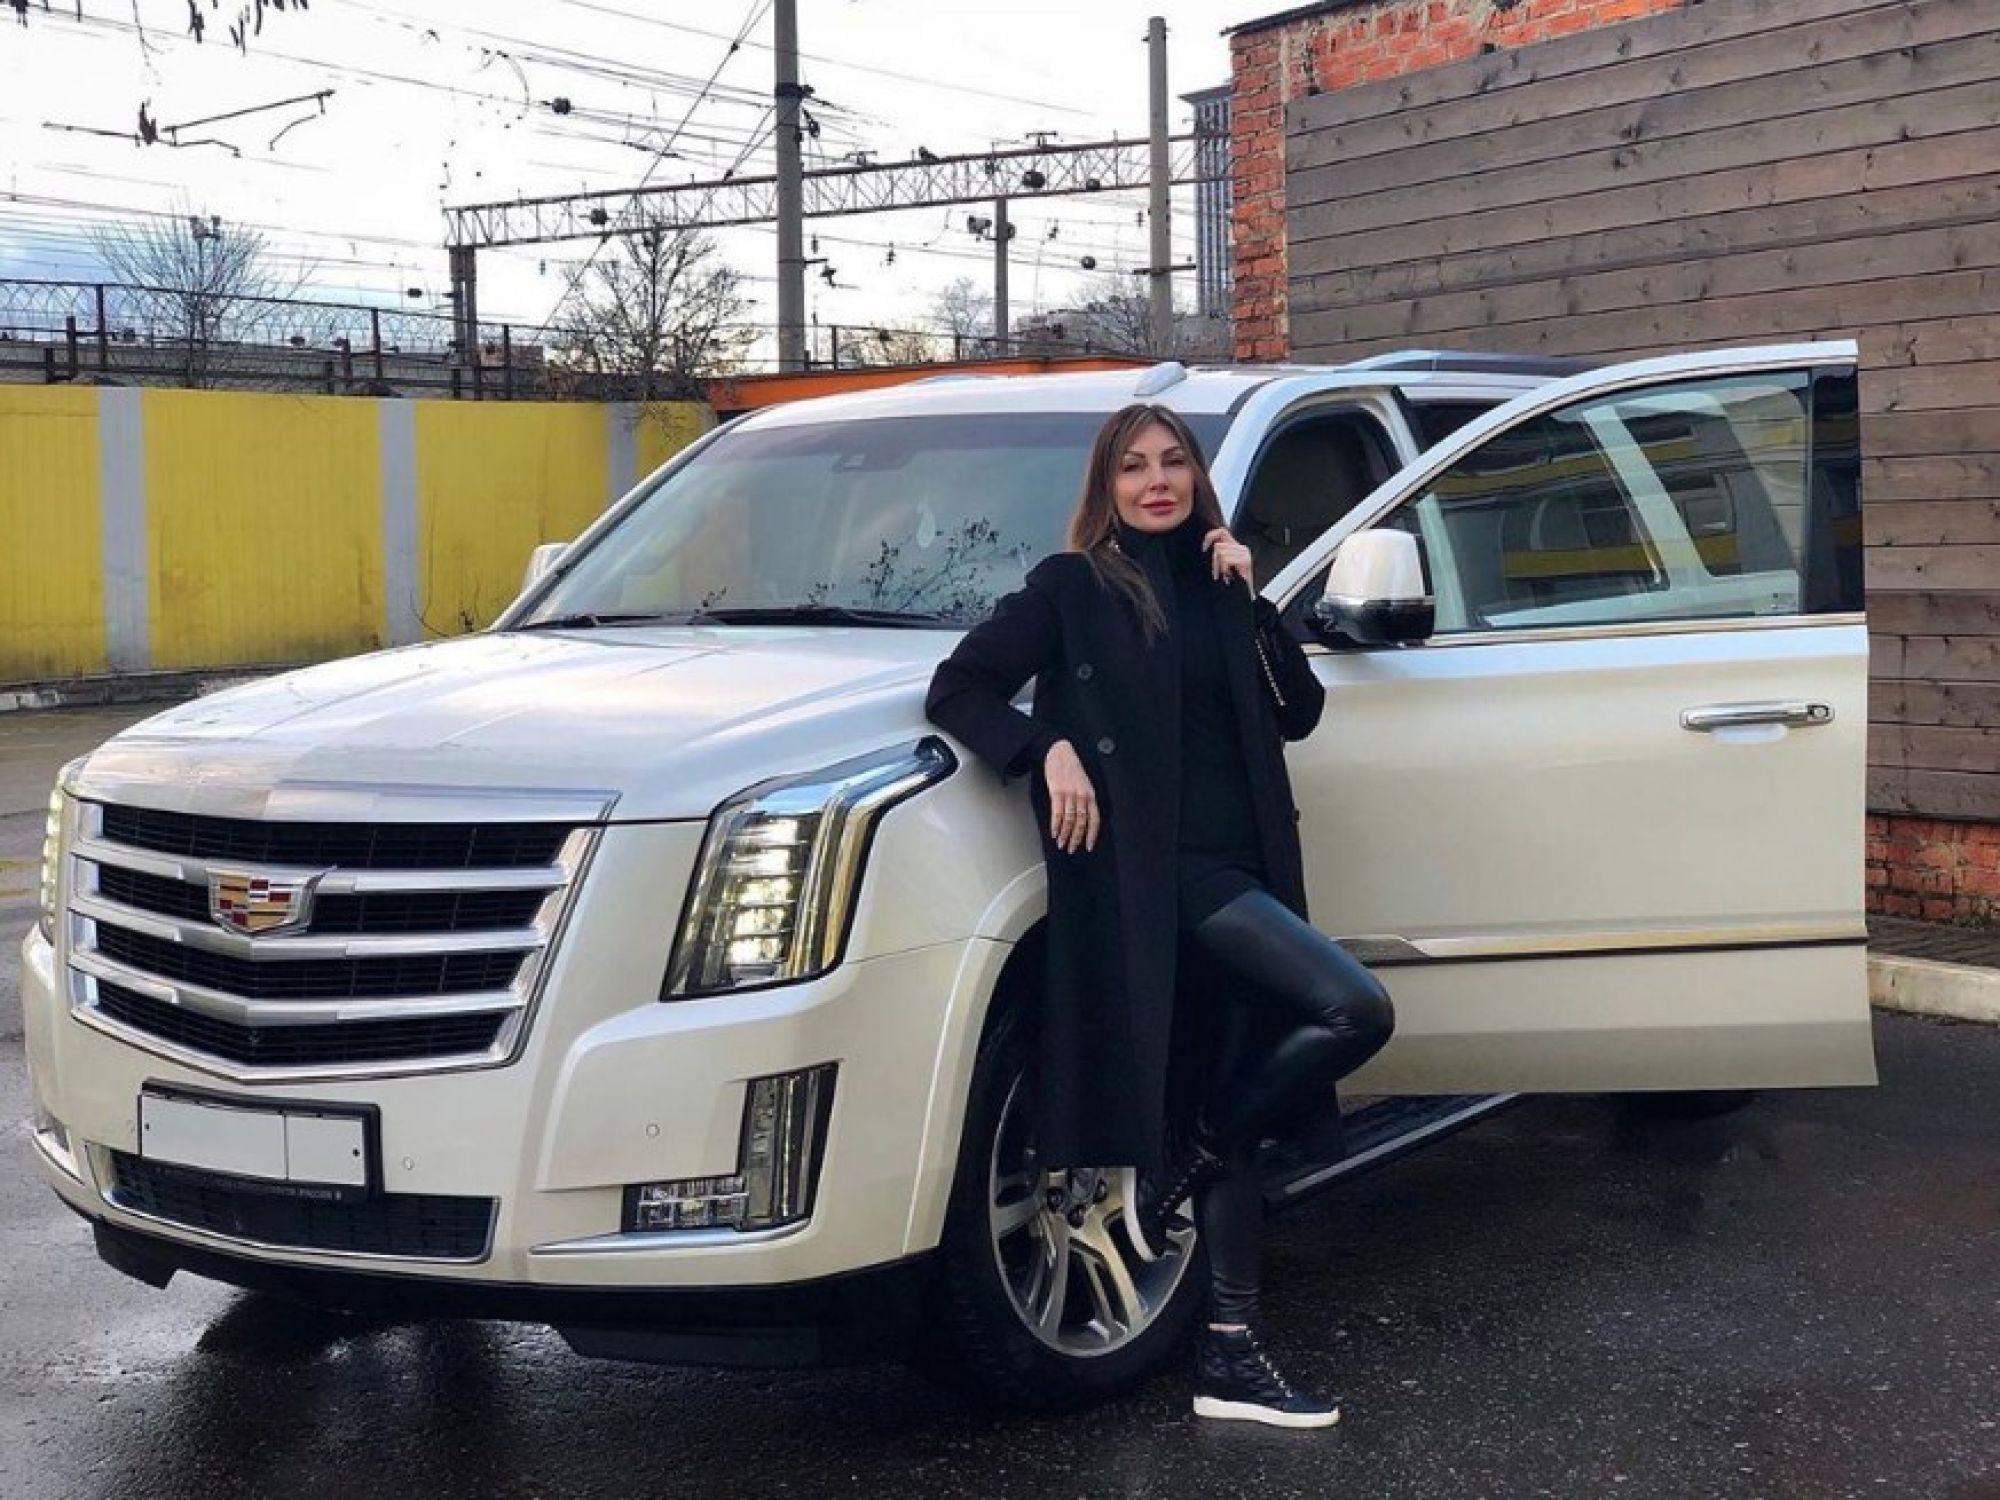 """Бочкарёва продаёт свой """"легендарный"""" Cadillac. Актрису начали обвинять в подкупе судей из-за дела о наркотиках"""